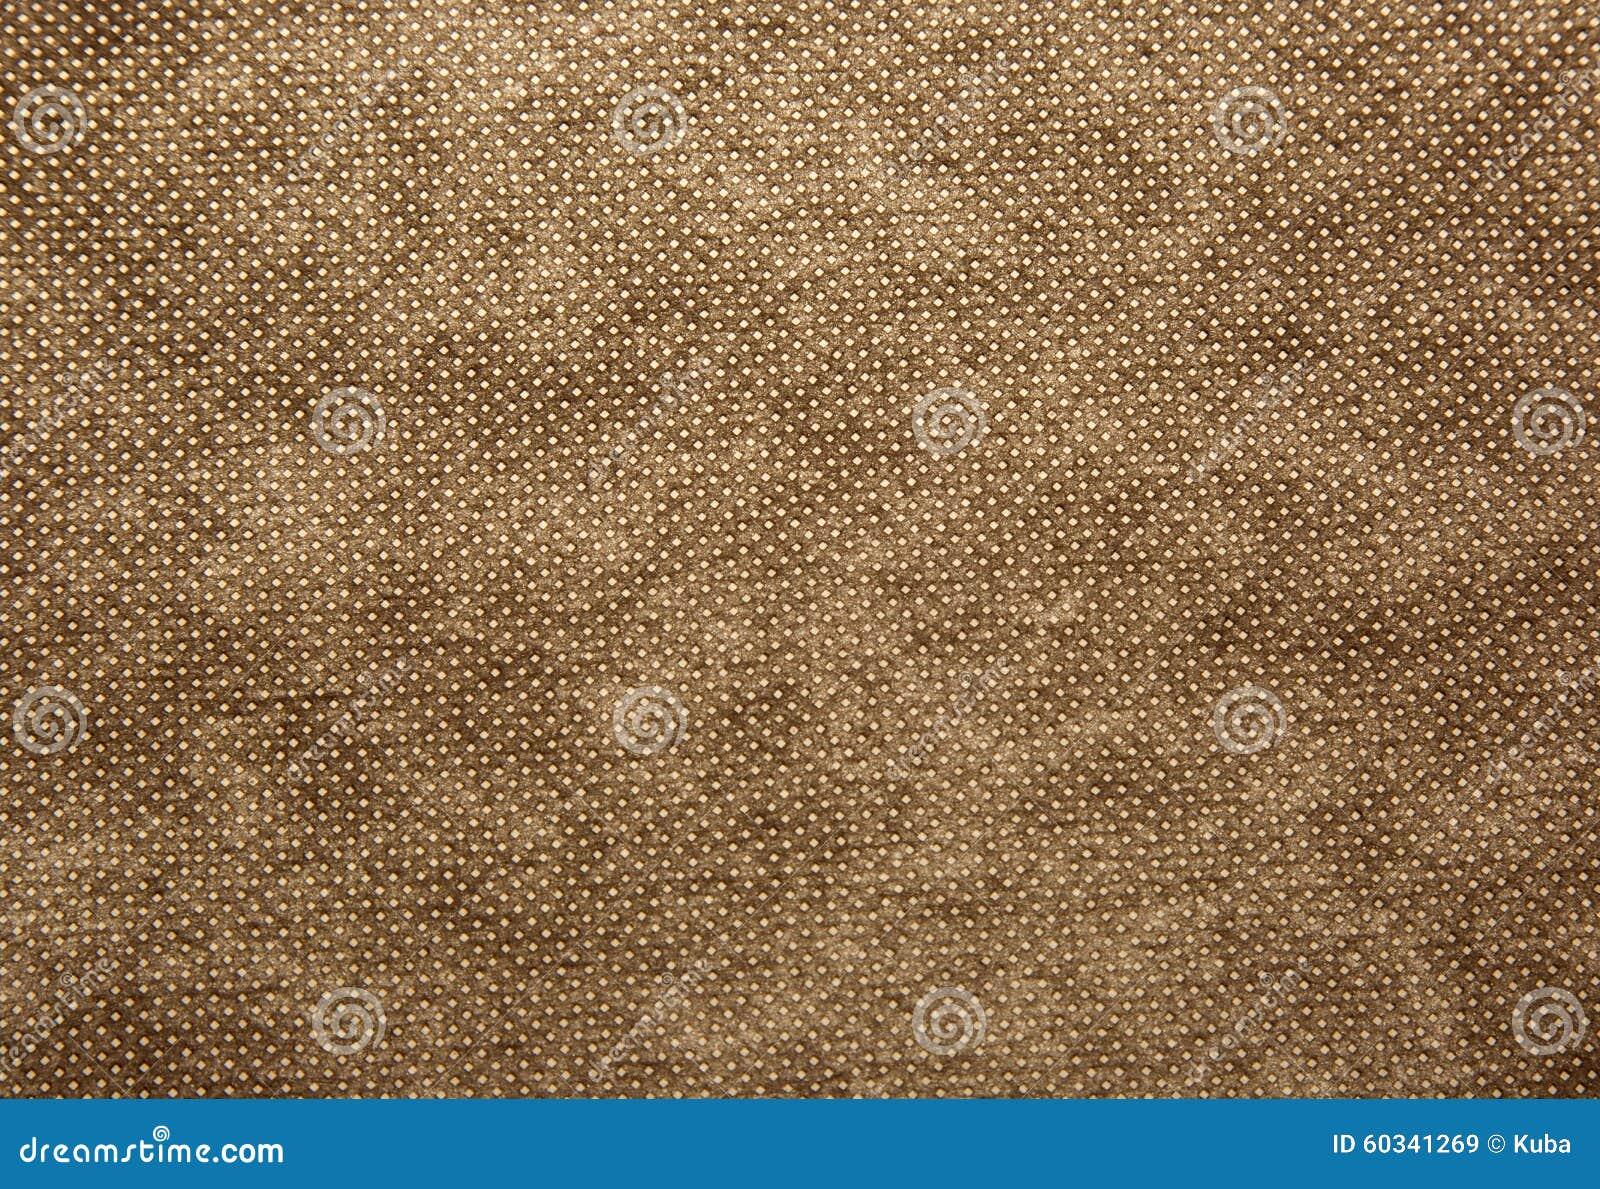 Une feuille de profondément, grossièrement textile tissé dans la couleur brune Texture